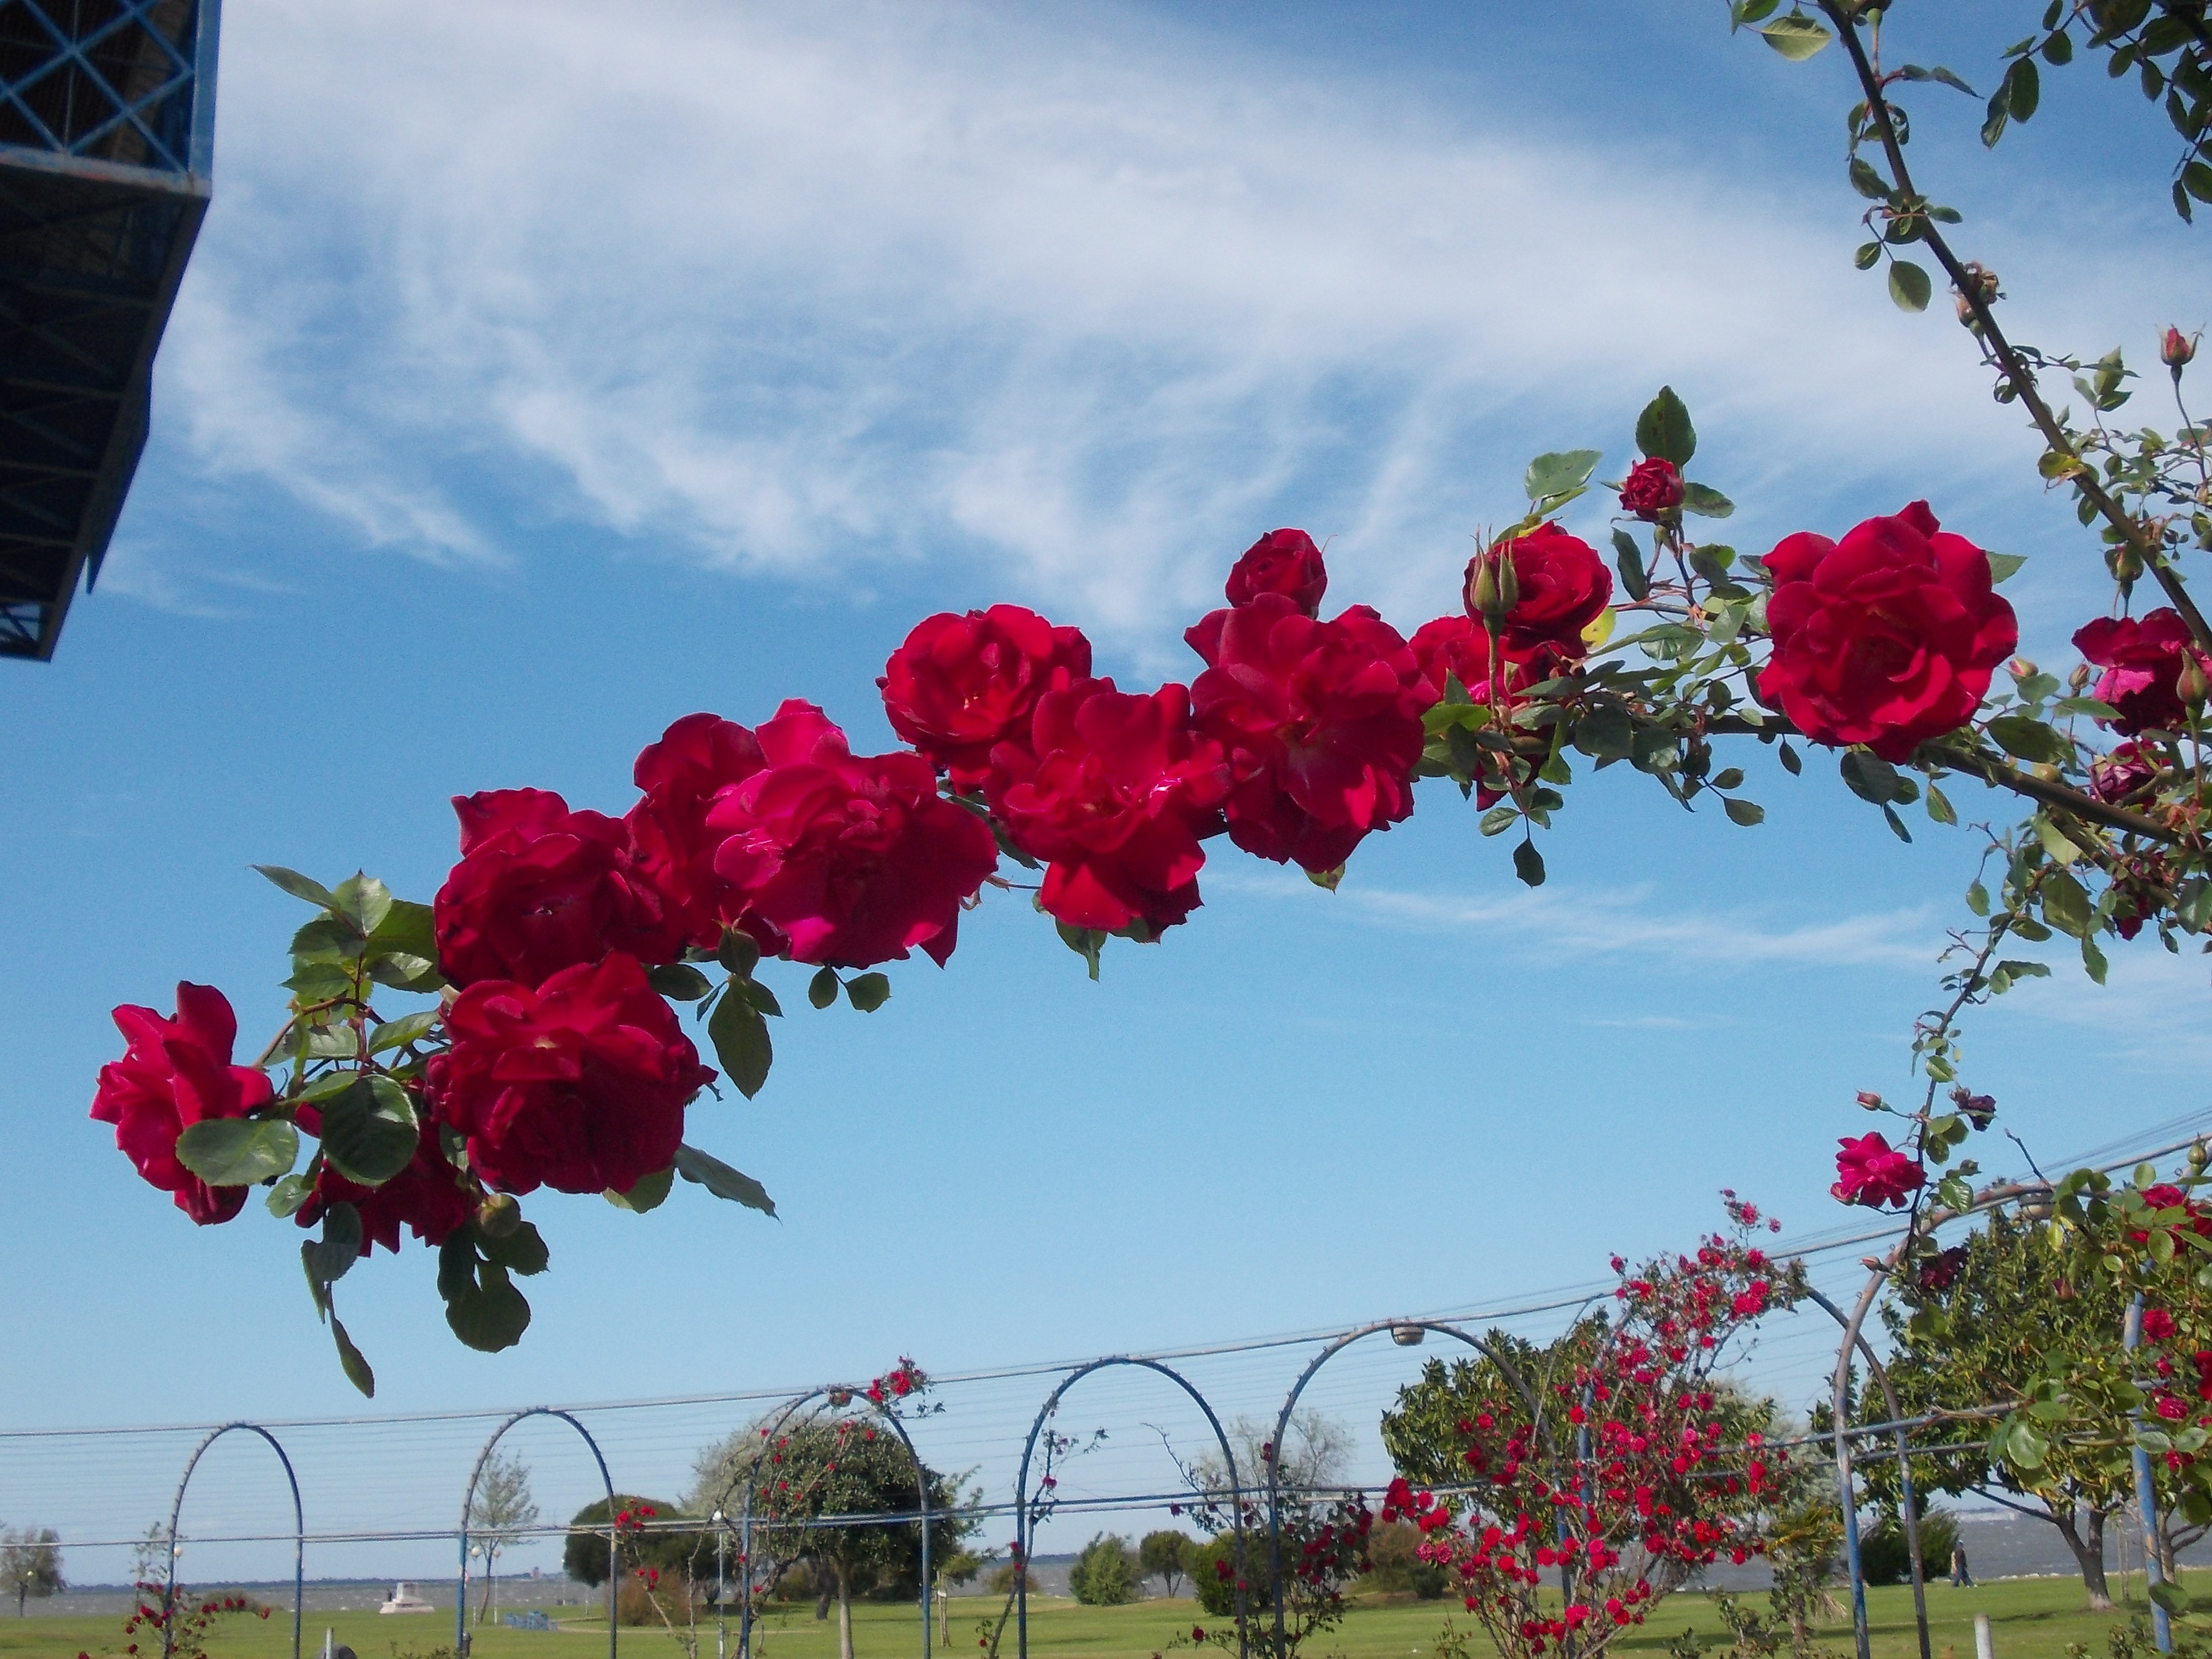 jardim de rosas em angola ? Doitri.com